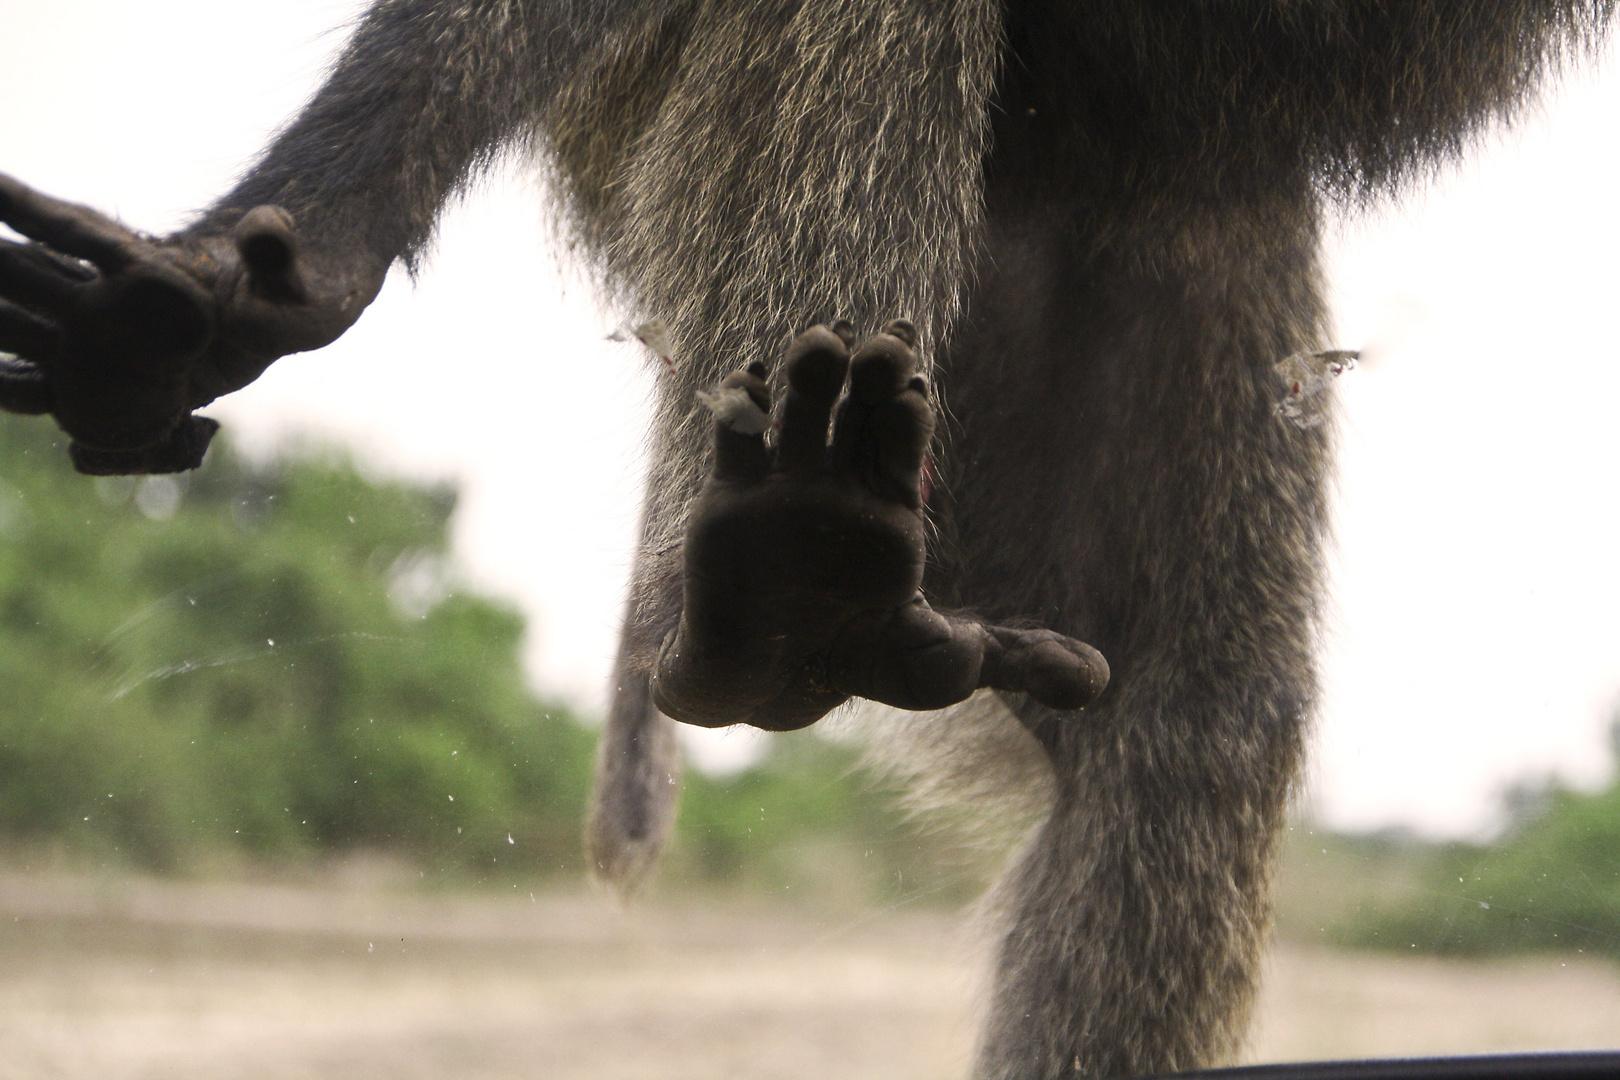 Monkey on bord